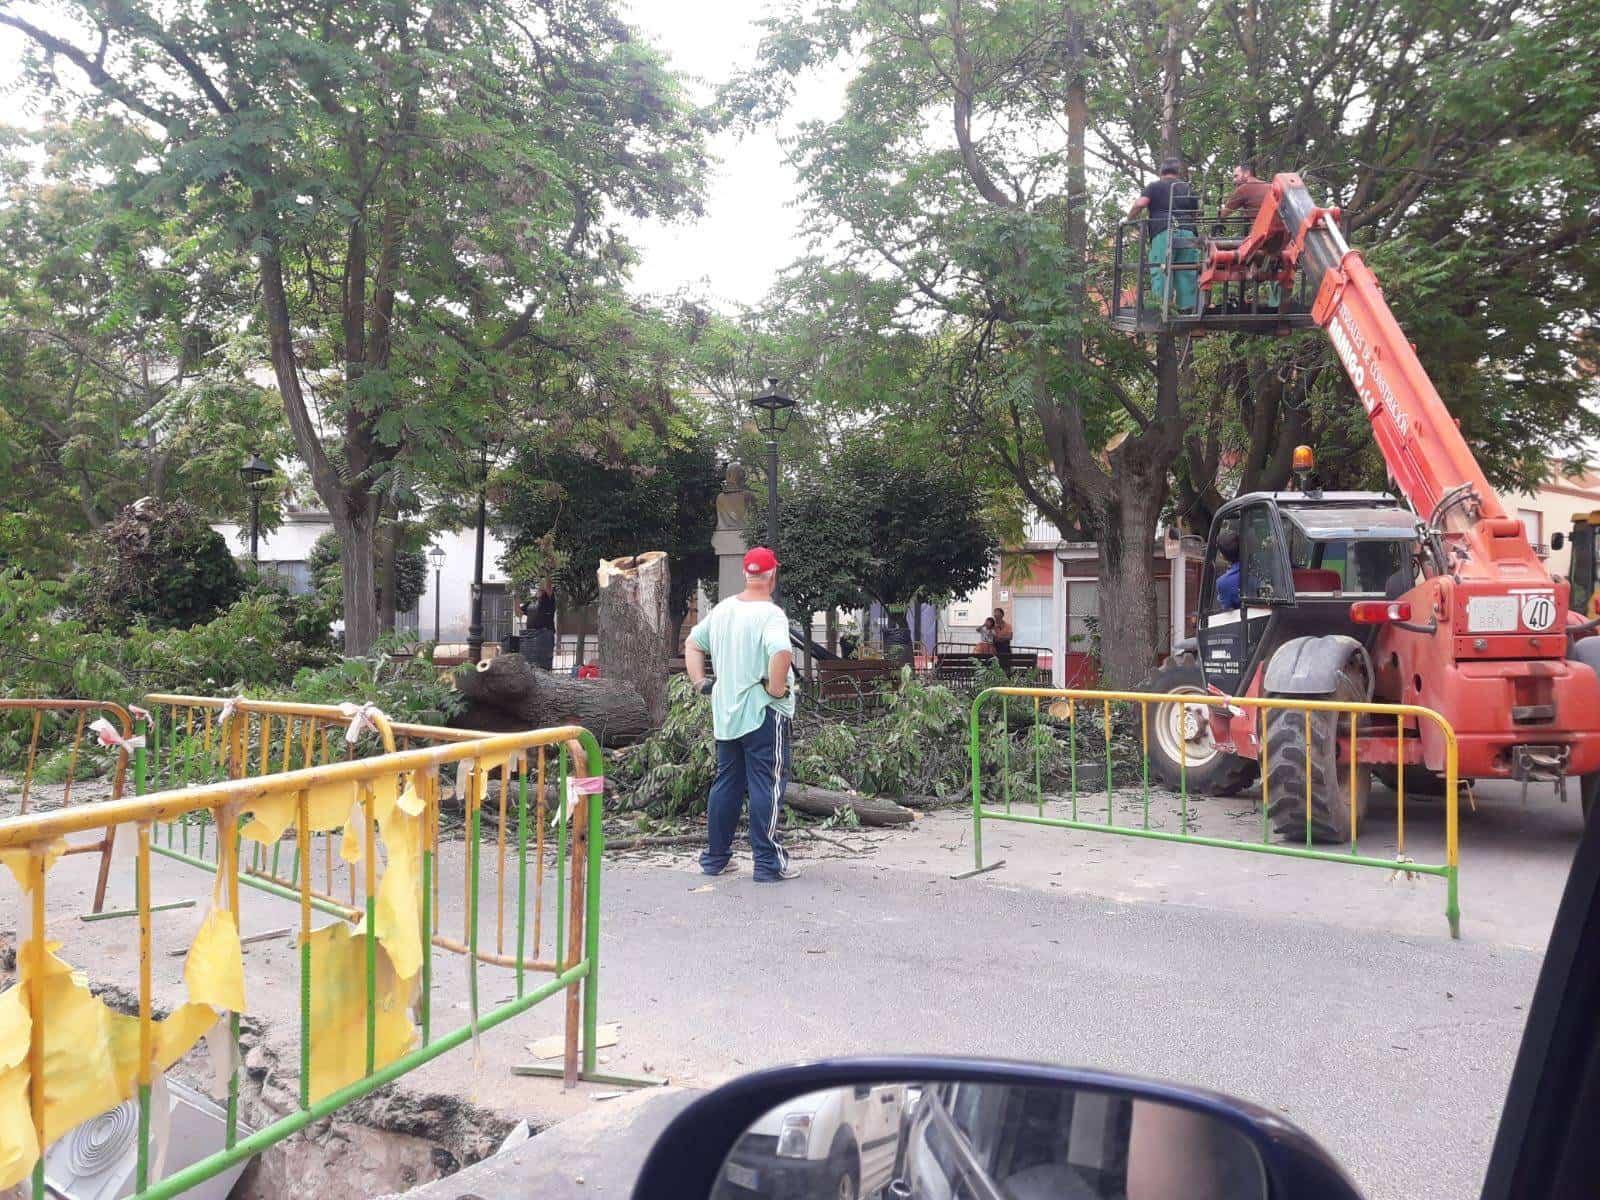 talando arboles plaza cervants herencia - Retirada de árboles de la Plaza Cervantes por seguridad